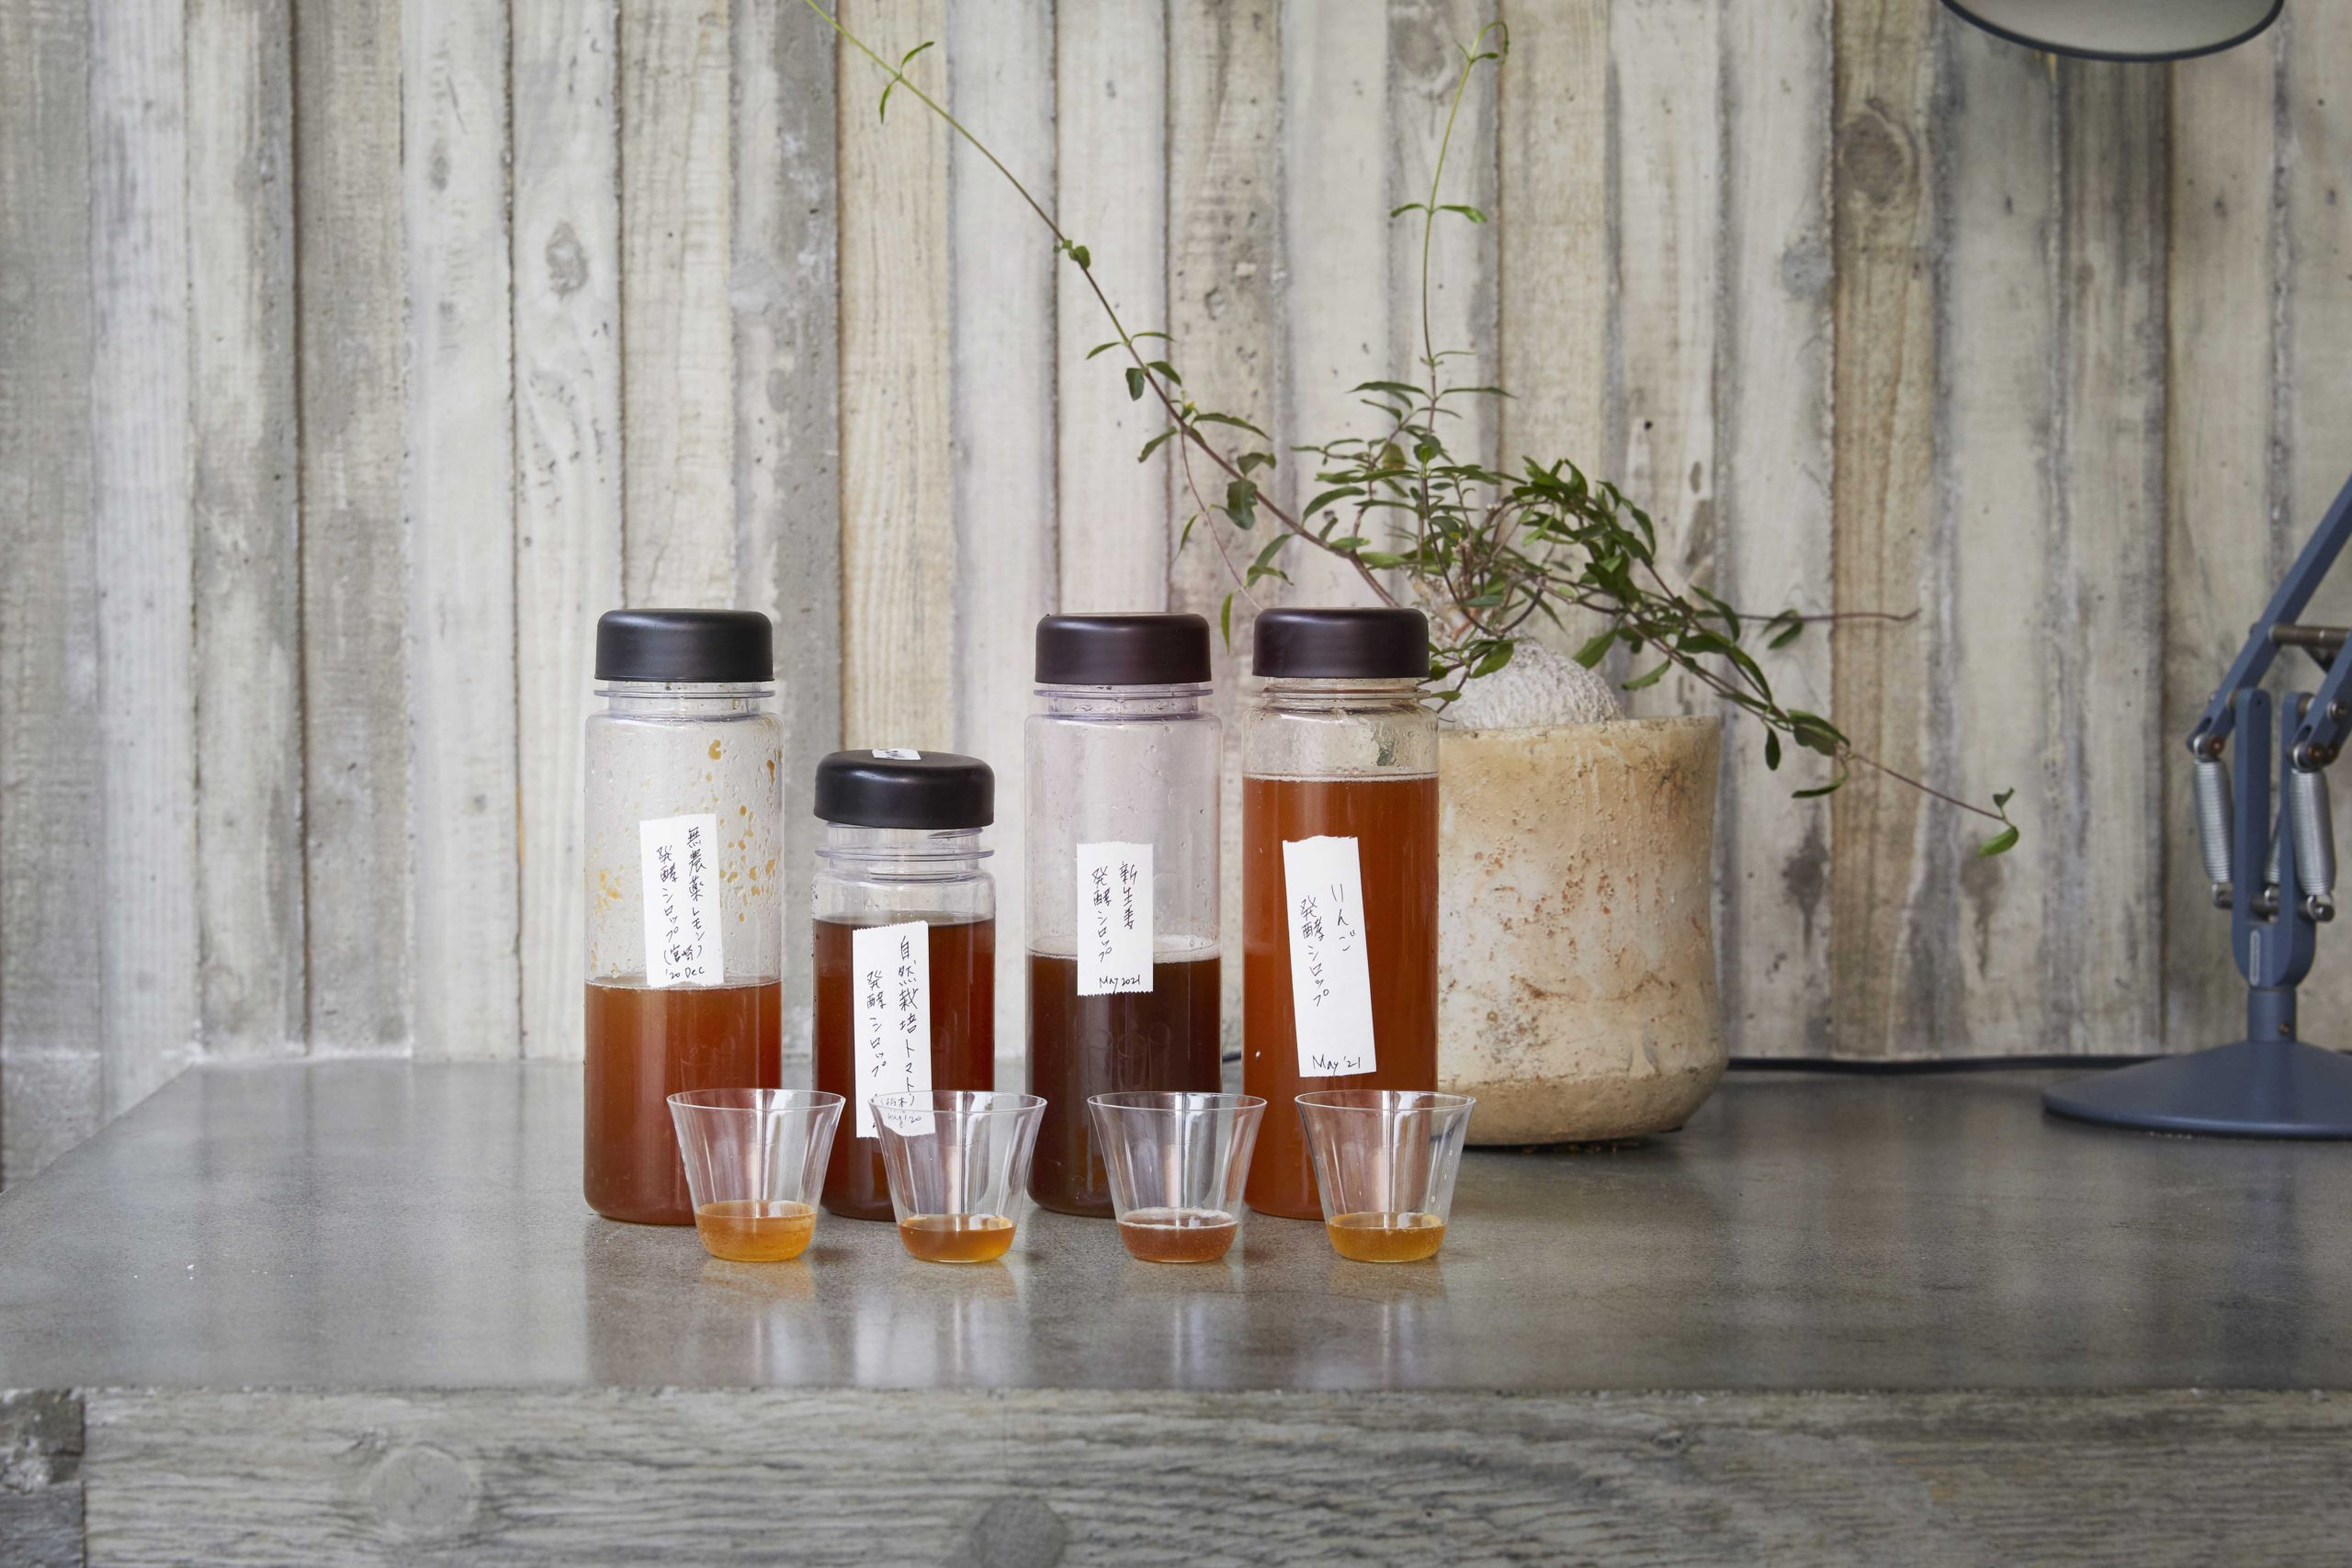 谷尻家のキッチンにずらりと並んだ酵素シロップ。りんごに新生姜、トマト、レモンなど多彩なラインナップ。